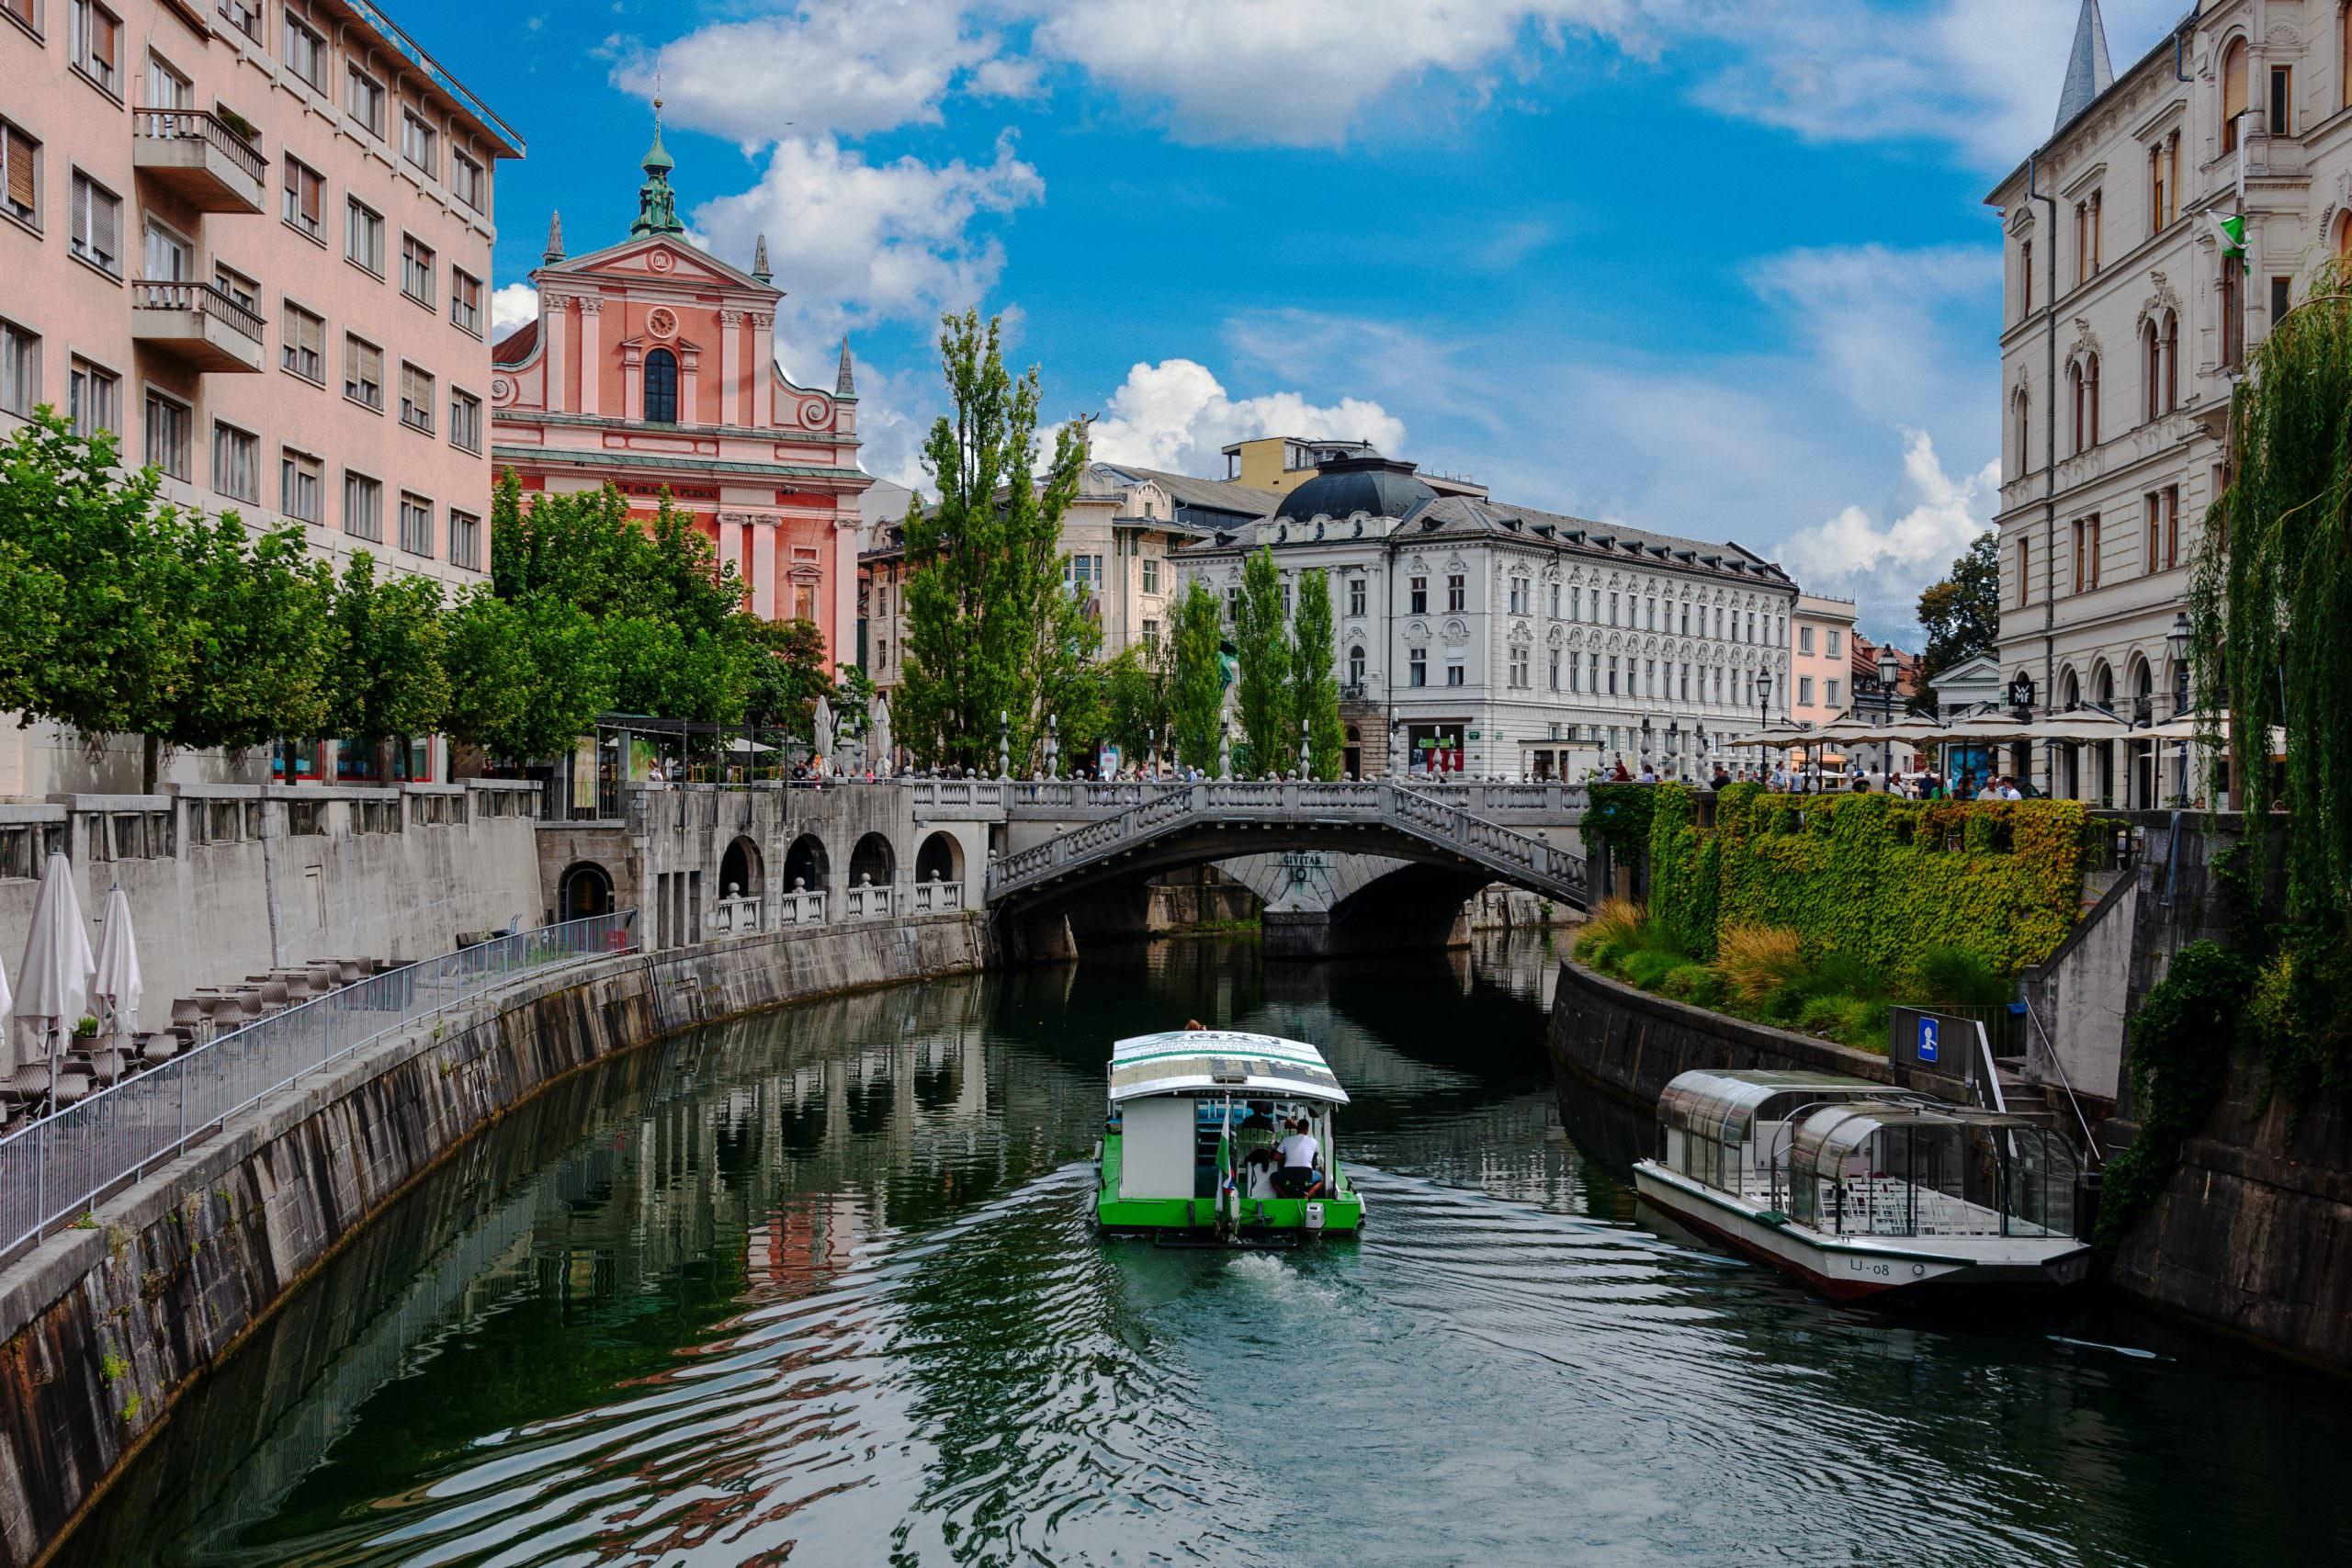 أجمل الوجهات السياحية في ليوبليانا ، سلوفينيا